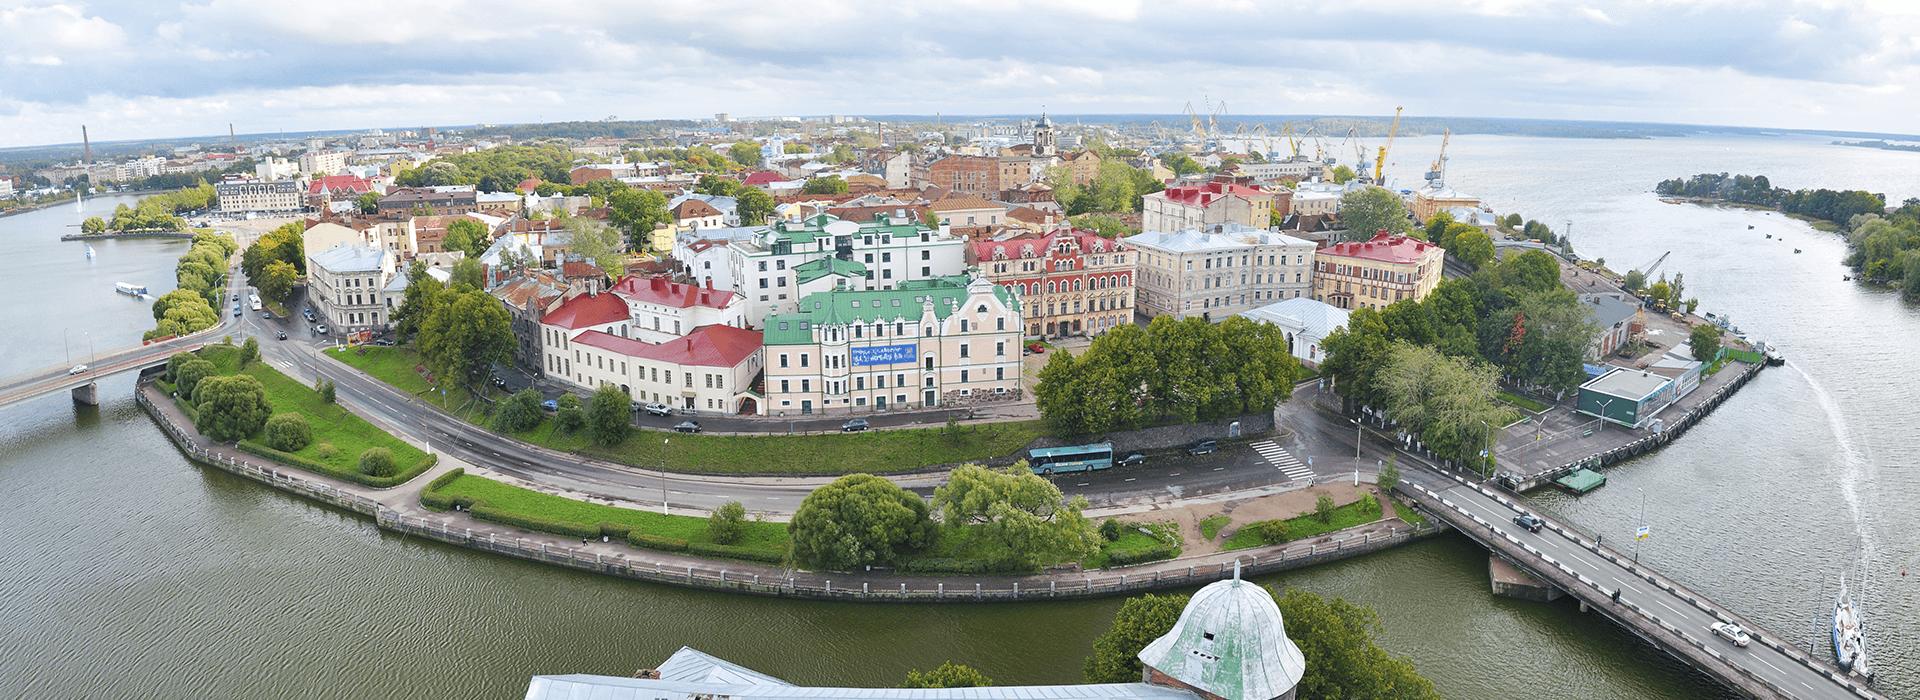 Viipurin keskusta (kuva: Saimaatravel.fi)